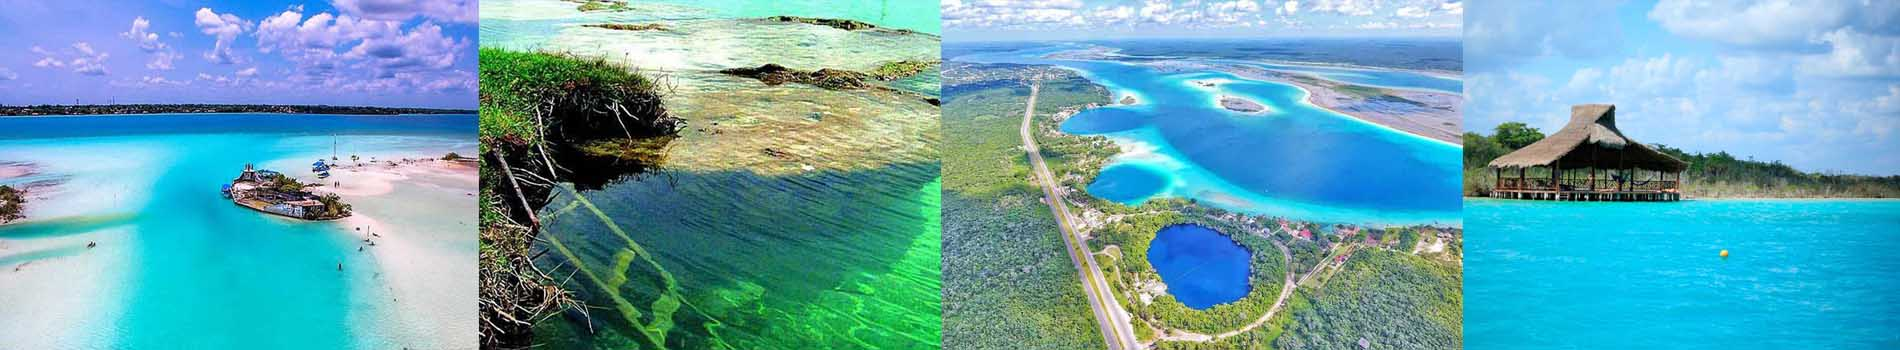 tour a bacalar desde cancun